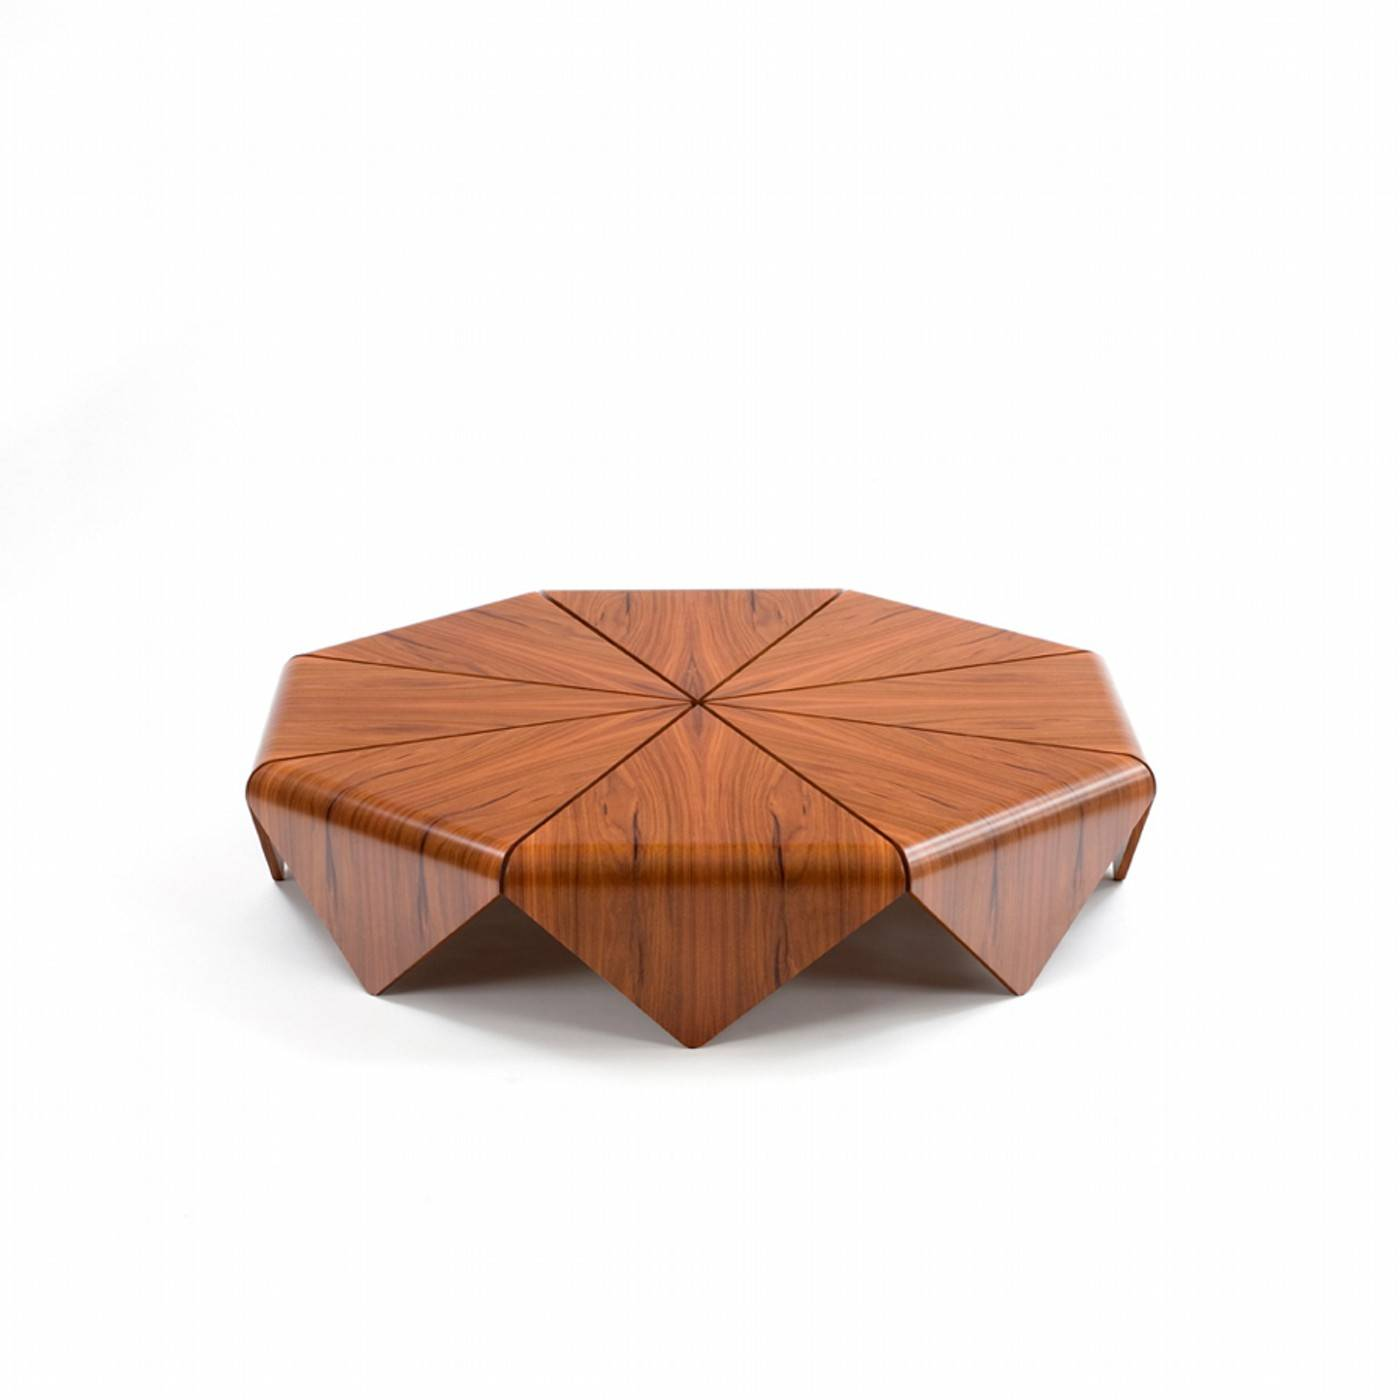 Mesa central Pétalas de 1959, reeditada em 2006, encanta pela curvatura que desafia a estrutura da madeira, lembrando as pétalas de uma flor em pau-ferro. Foto: Etel/Reprodução